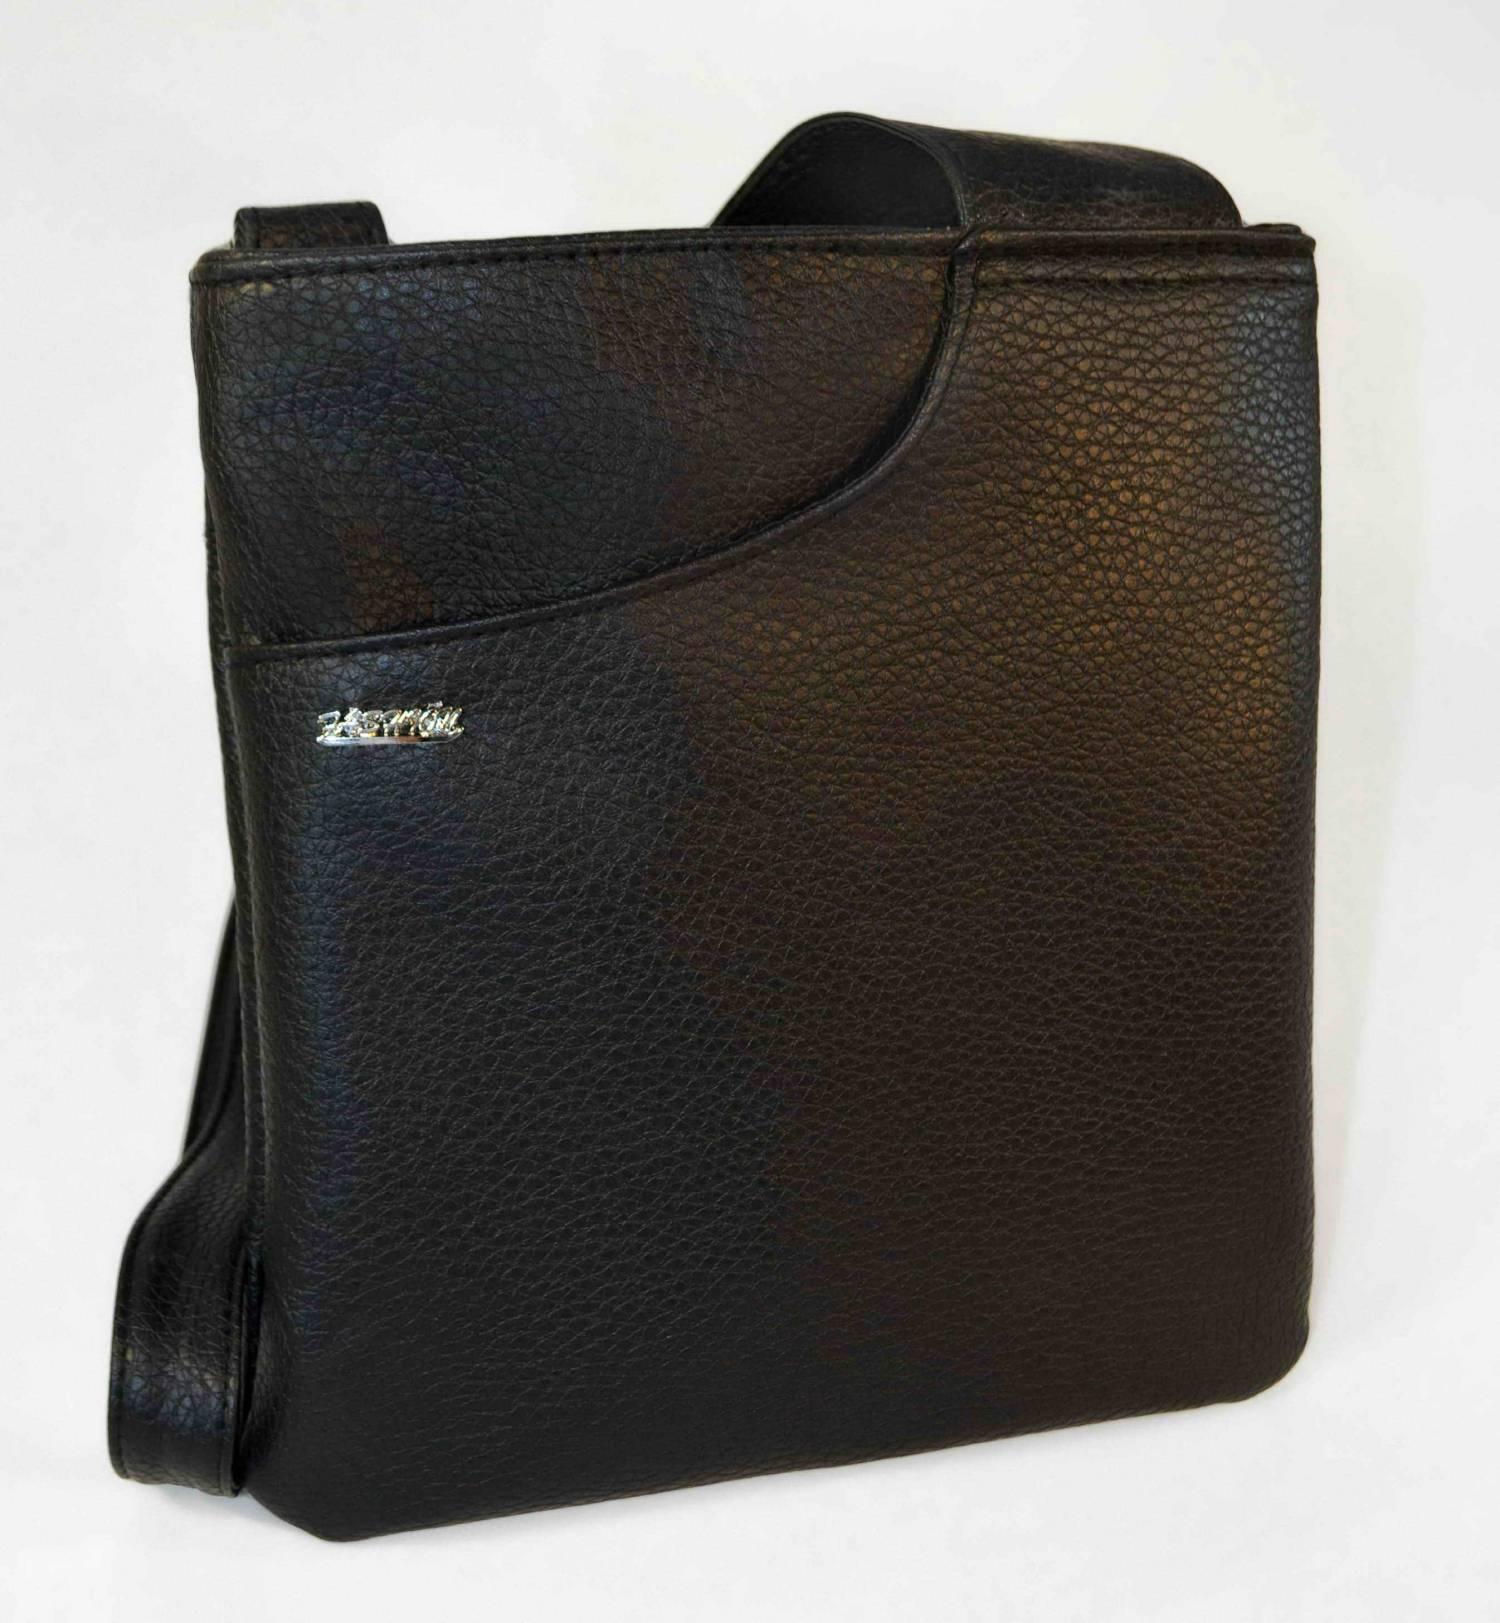 6c9ecfb0bb0a Сумка-планшет Sandy 01, черная. Цена, купить Сумка-планшет Sandy 01 ...